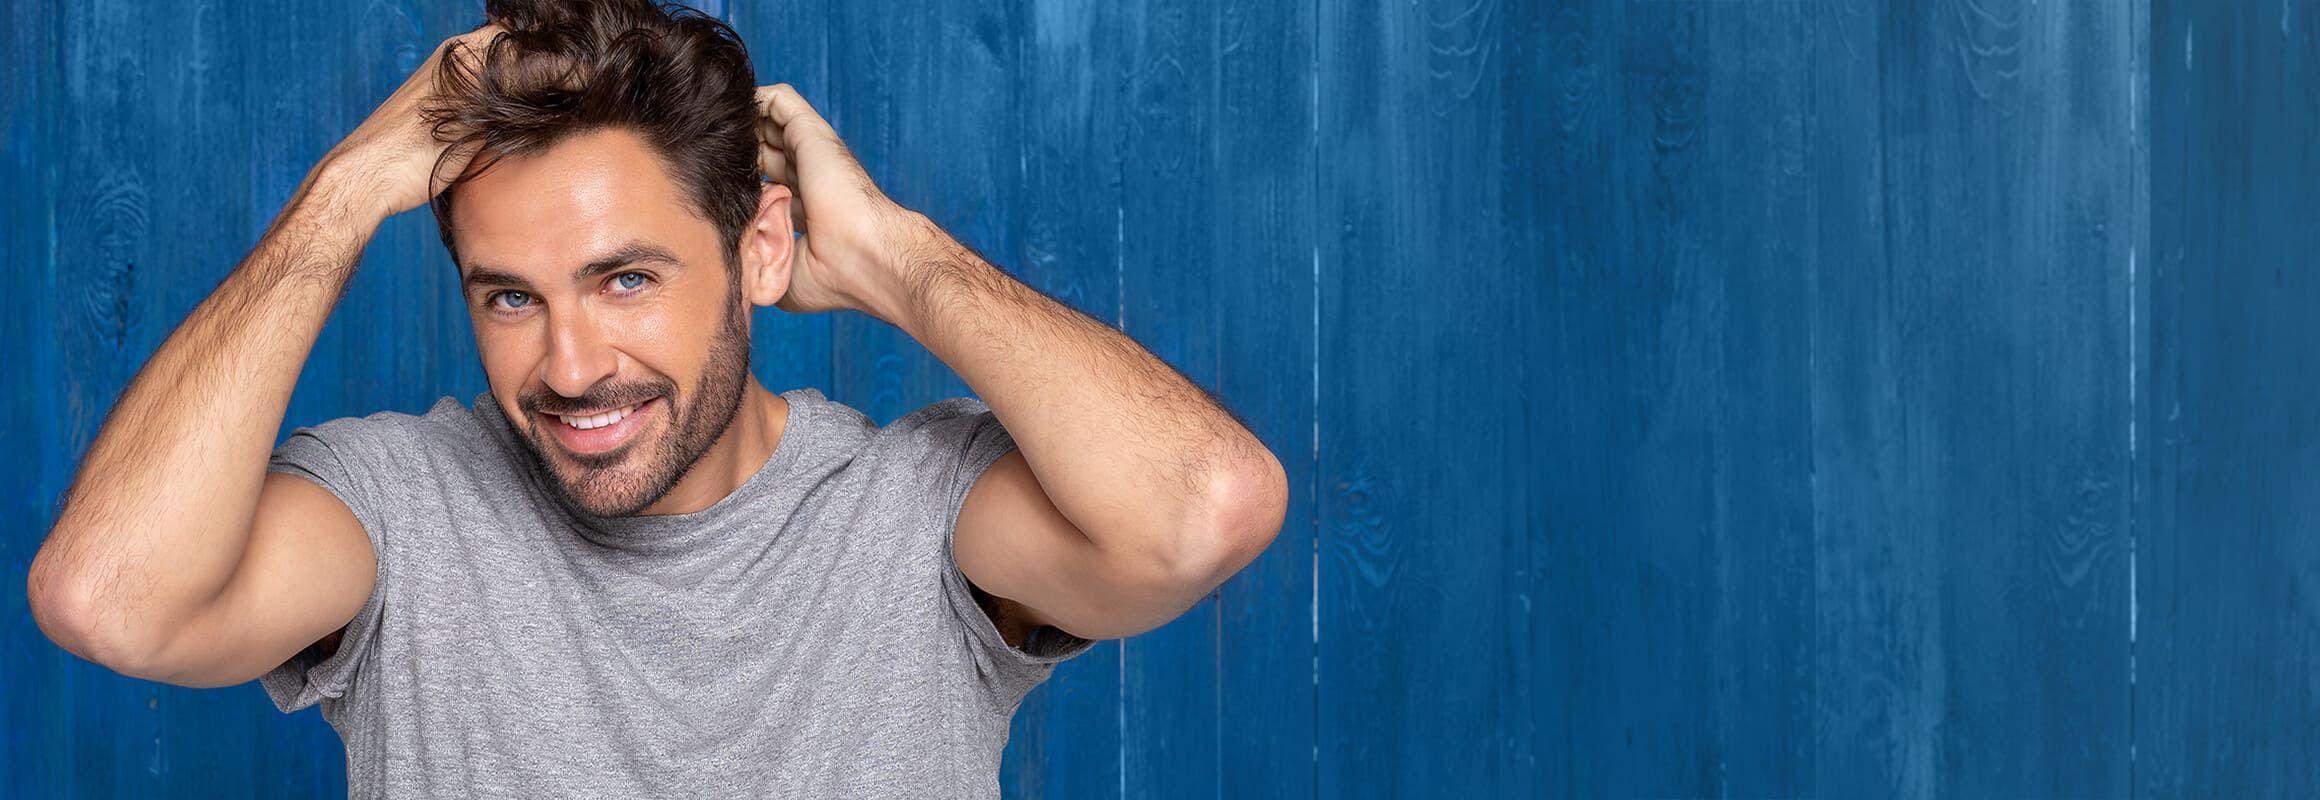 Coloración castaño oscuro gafas azules Robert Downey Jr